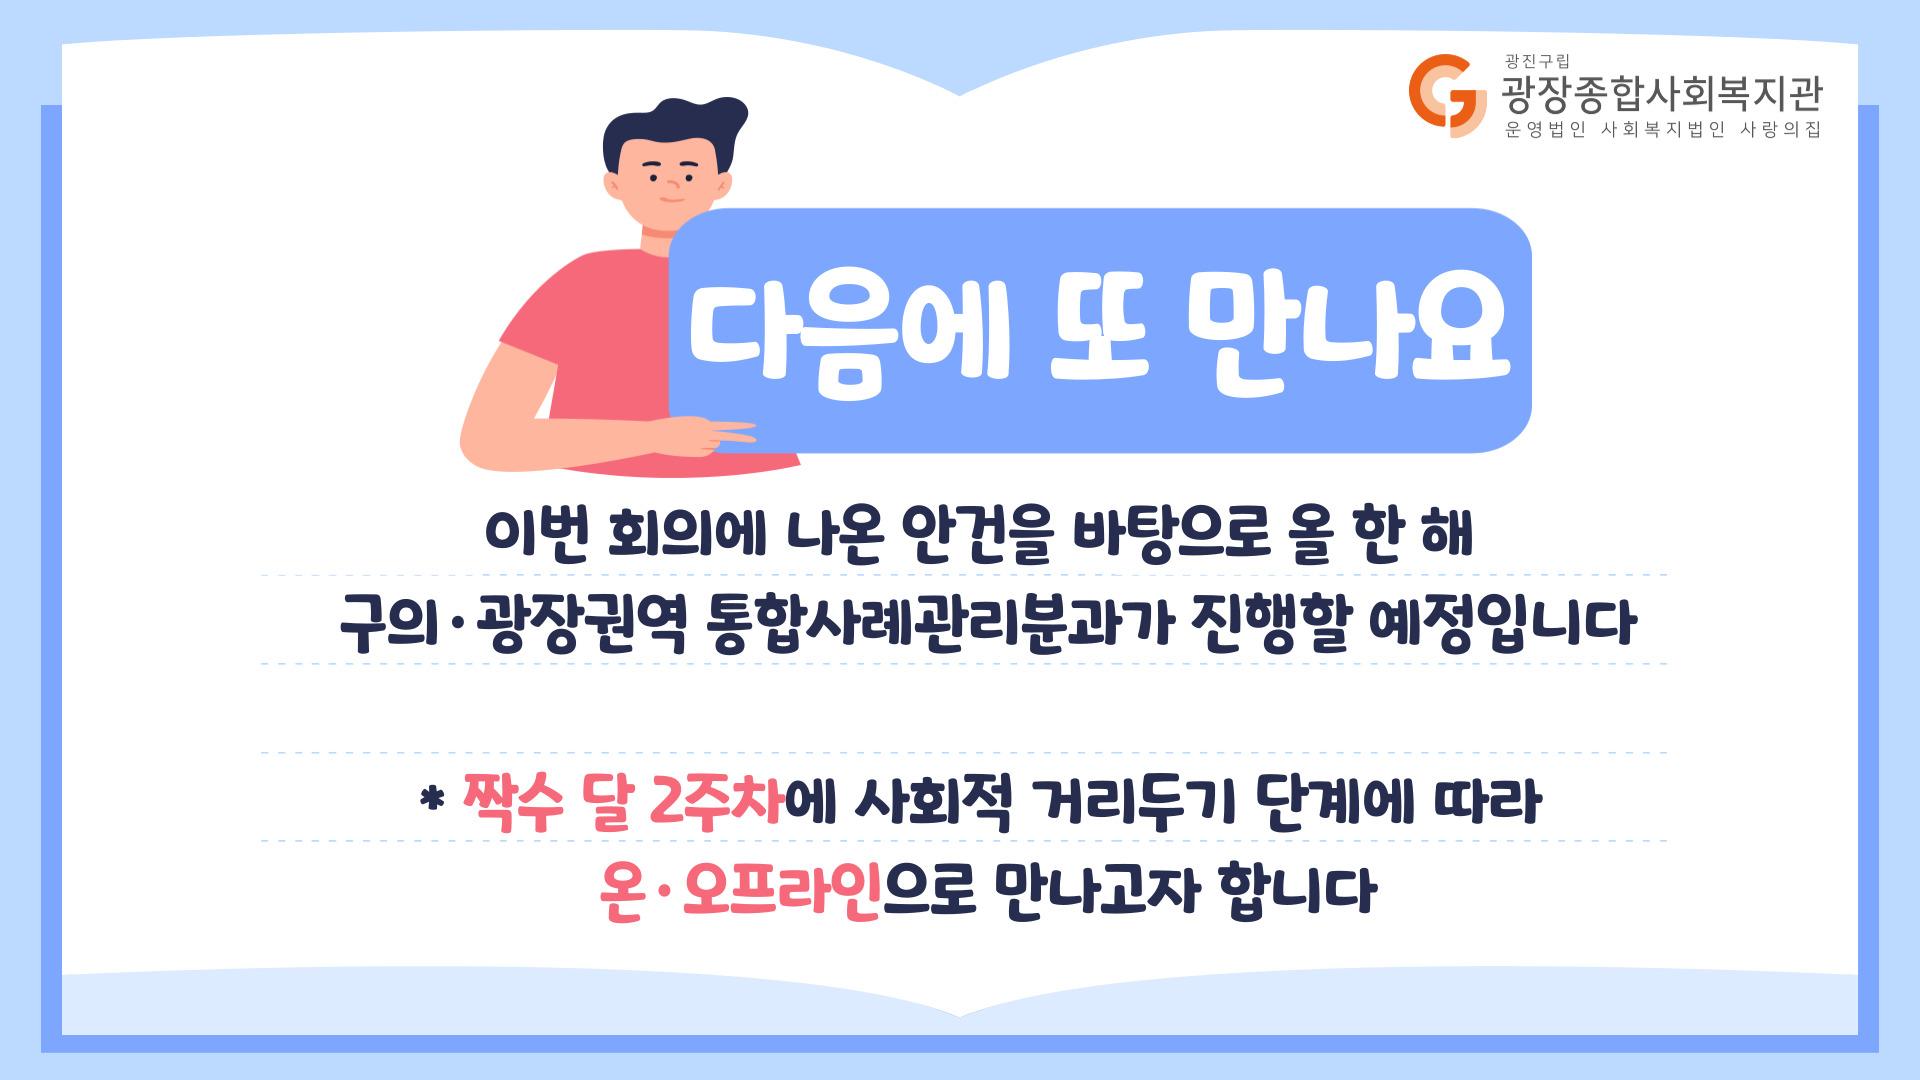 홈페이지-홍보_20210203-구의광장권역-통합사례관리-분과_복사본-007.jpg